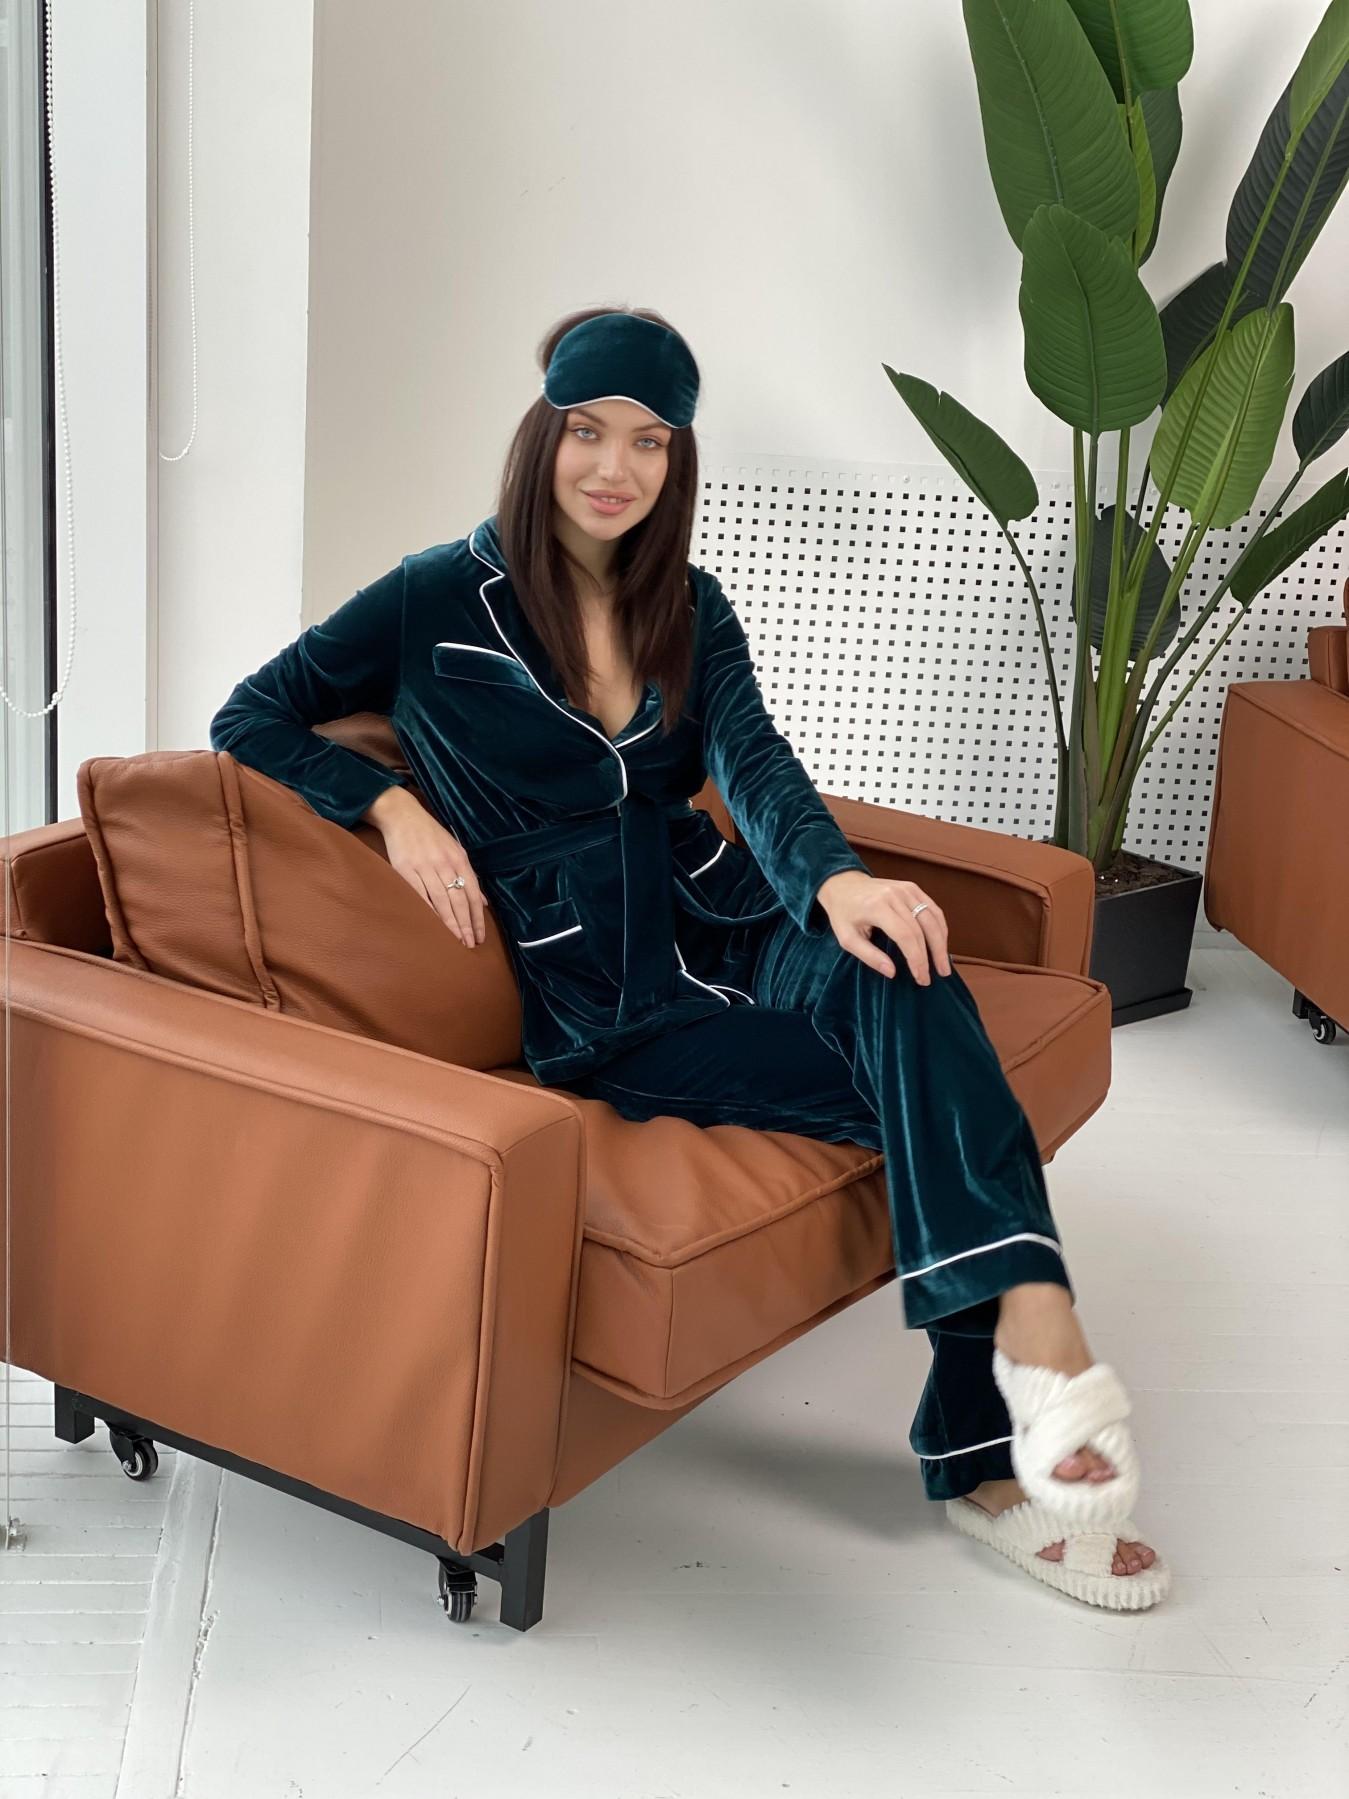 Шайн пижама велюр жакет брюки маска для сна 10353 АРТ. 47087 Цвет: Зеленый Темный - фото 1, интернет магазин tm-modus.ru